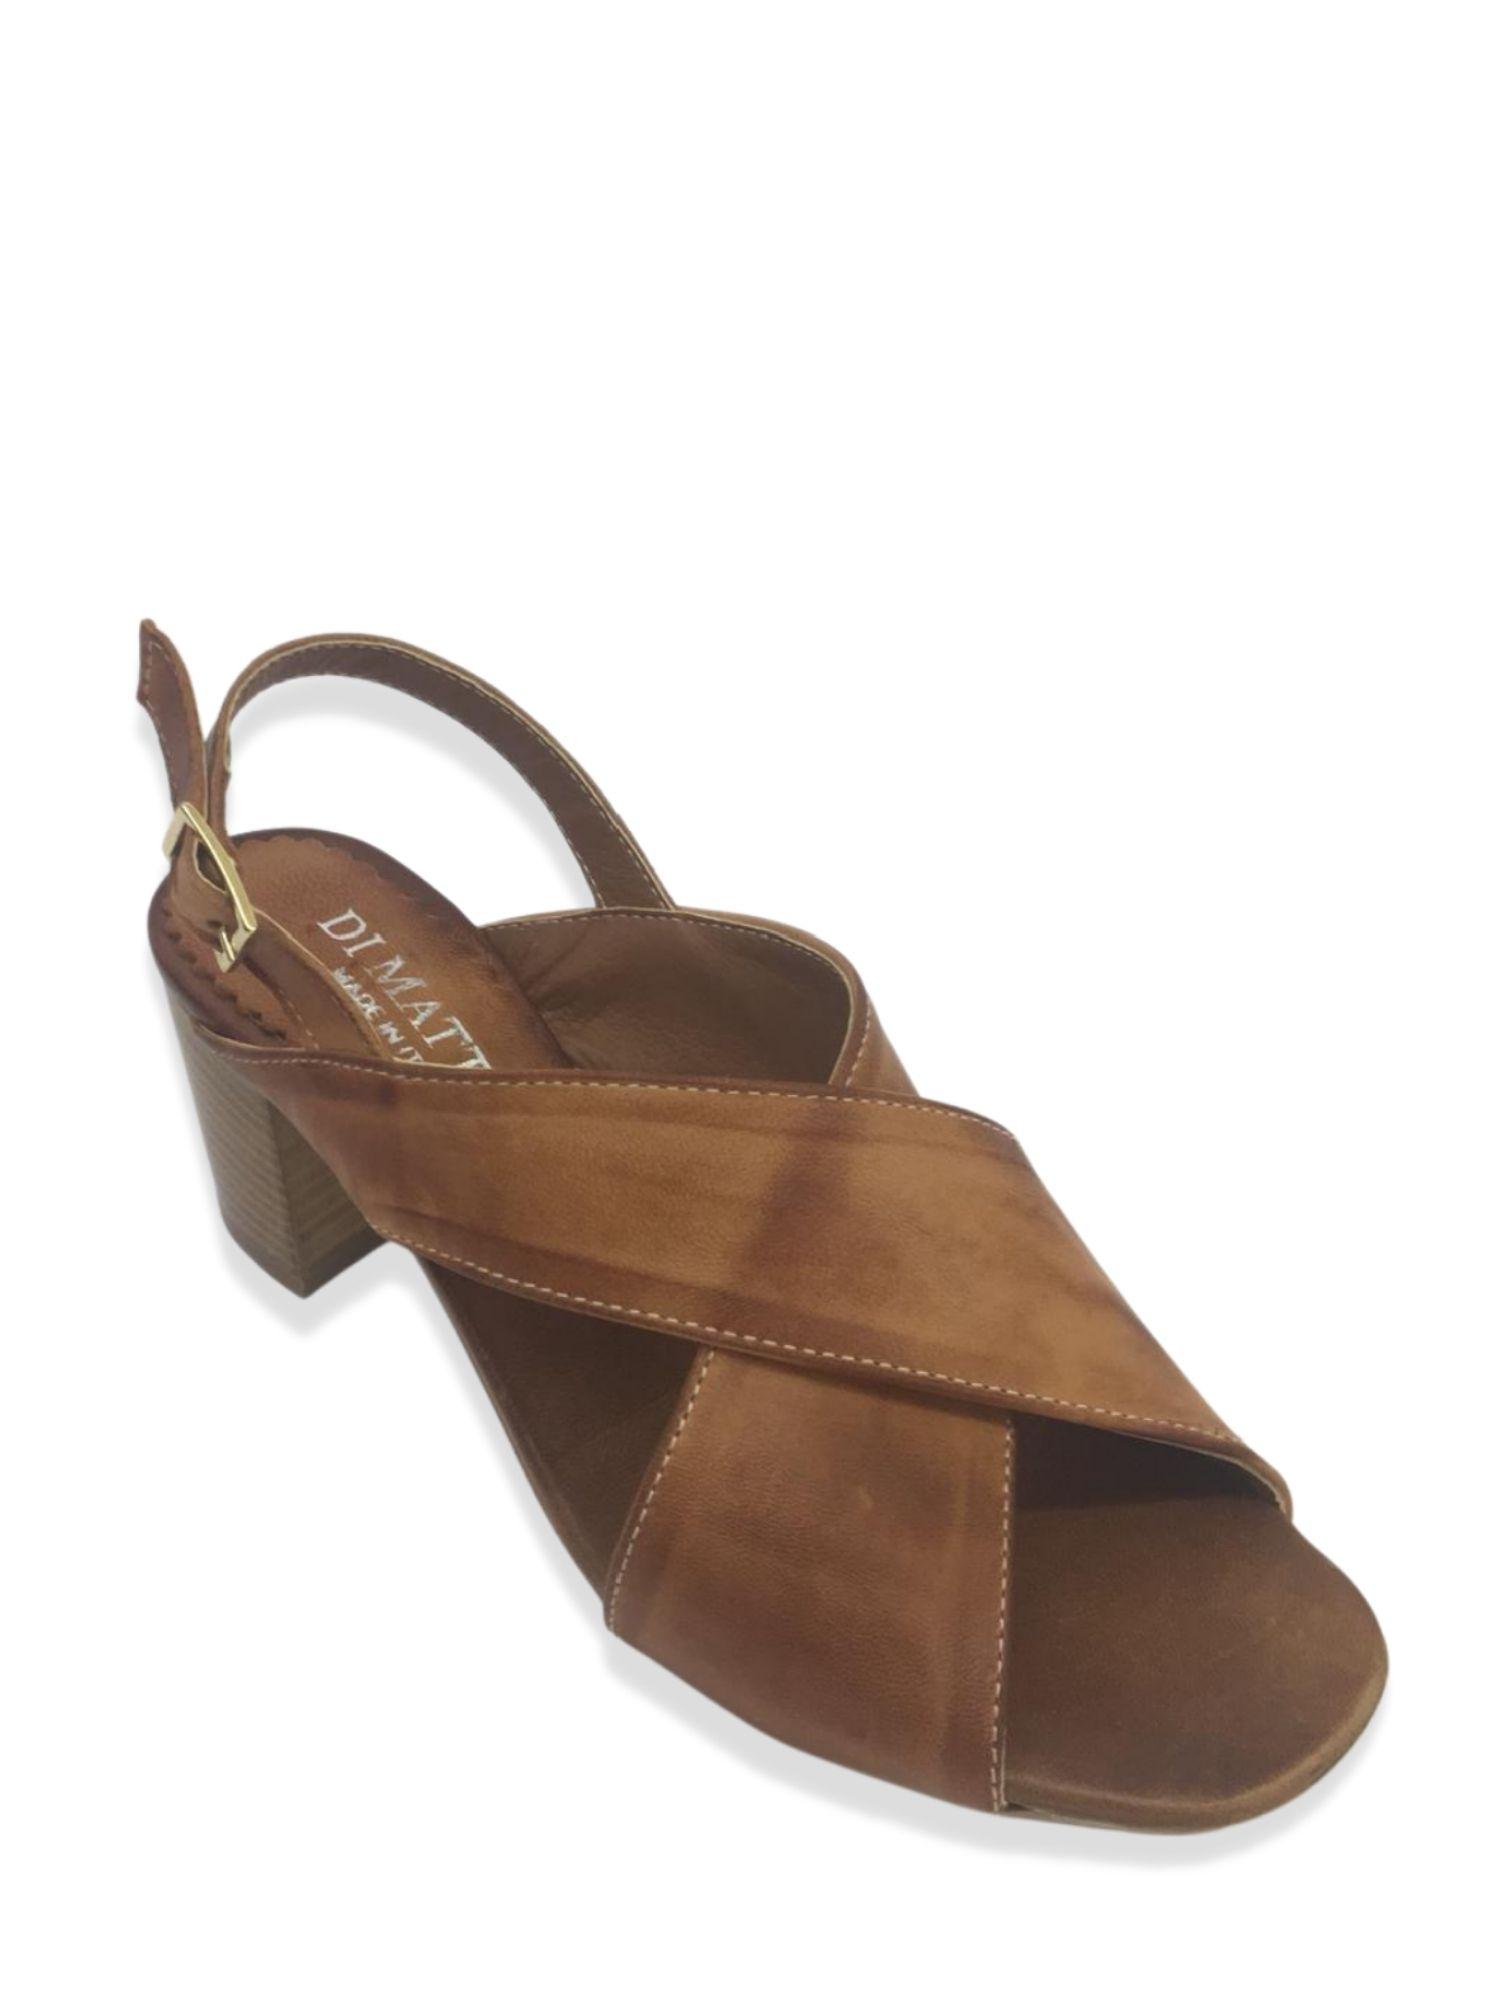 Sandalo Made in Italy 505 Cuoio alto 2